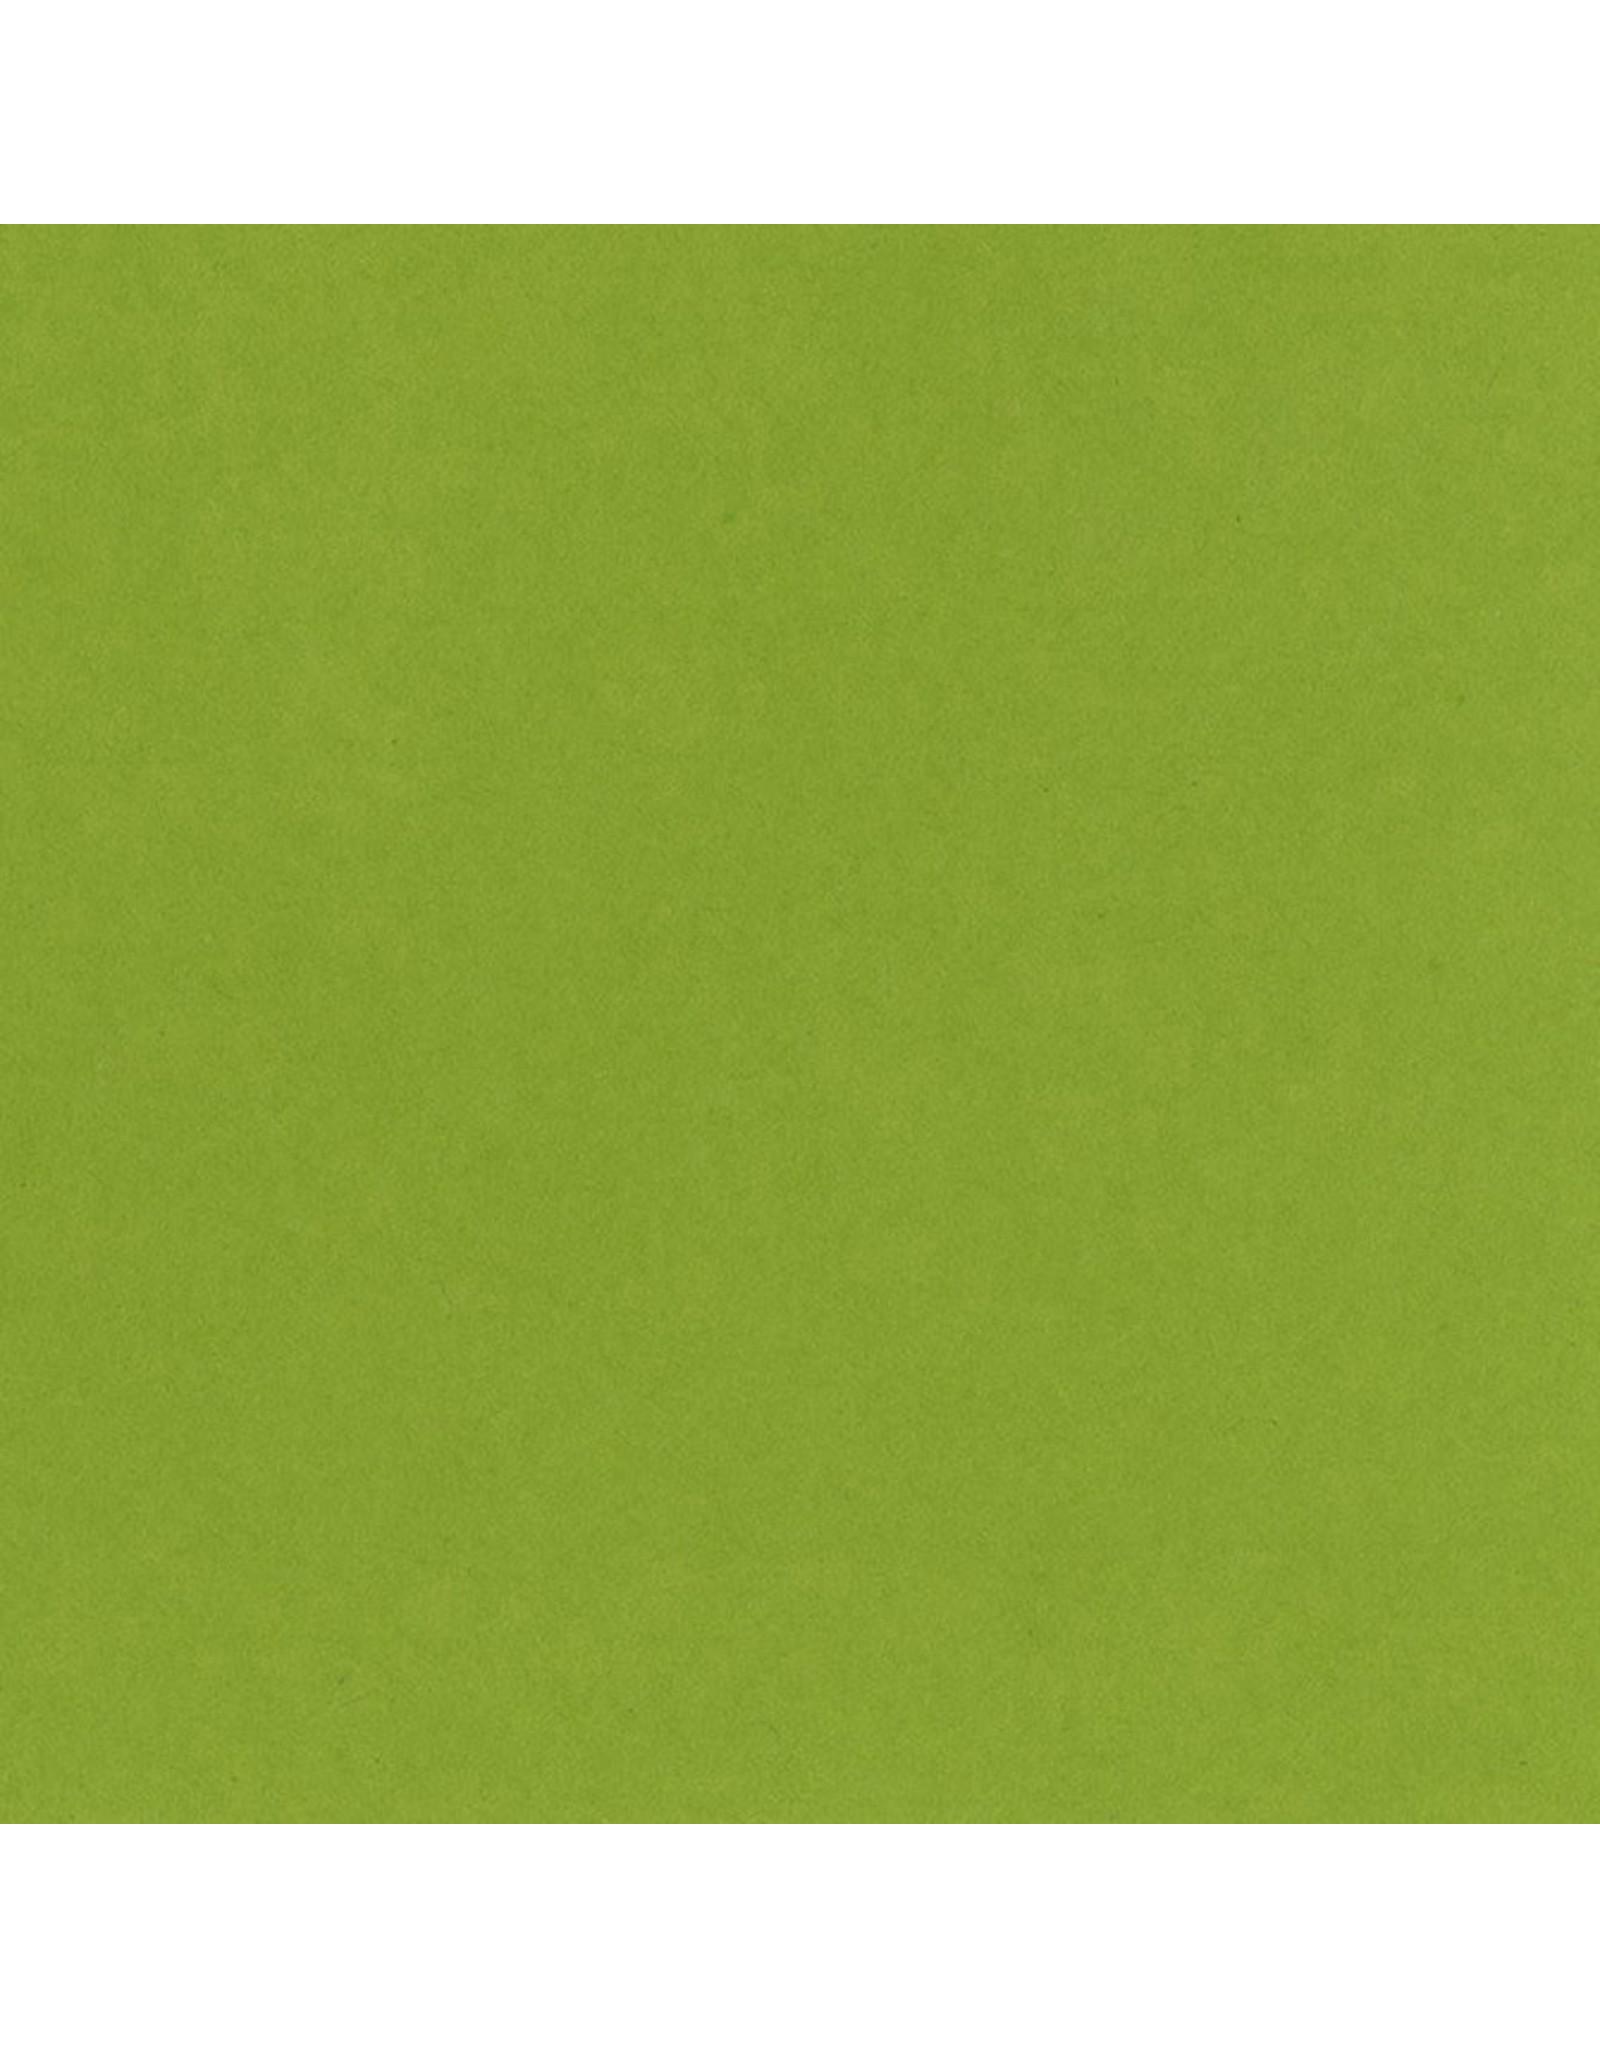 Bazzill Bazzill Card Shoppe 8.5x11 - Easter Grass